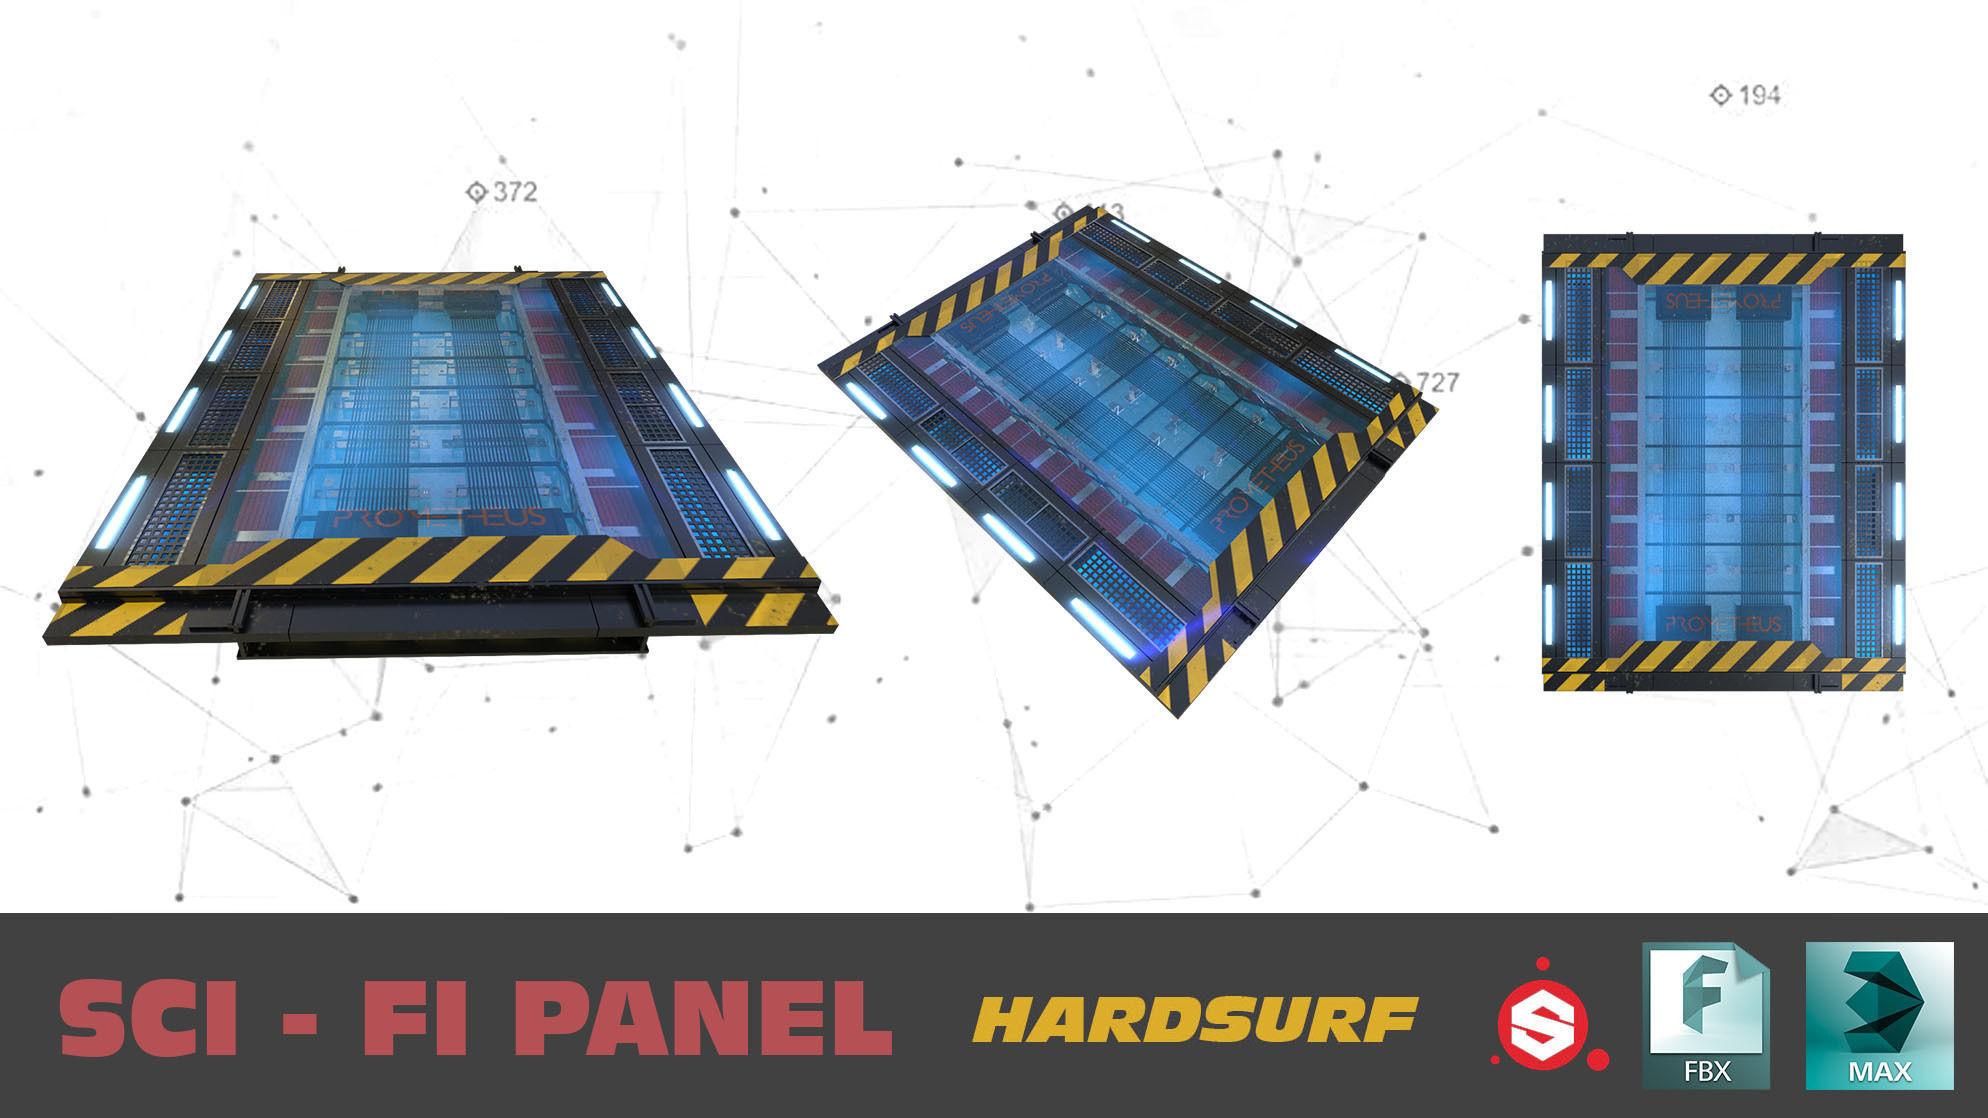 Sci Fi Panel